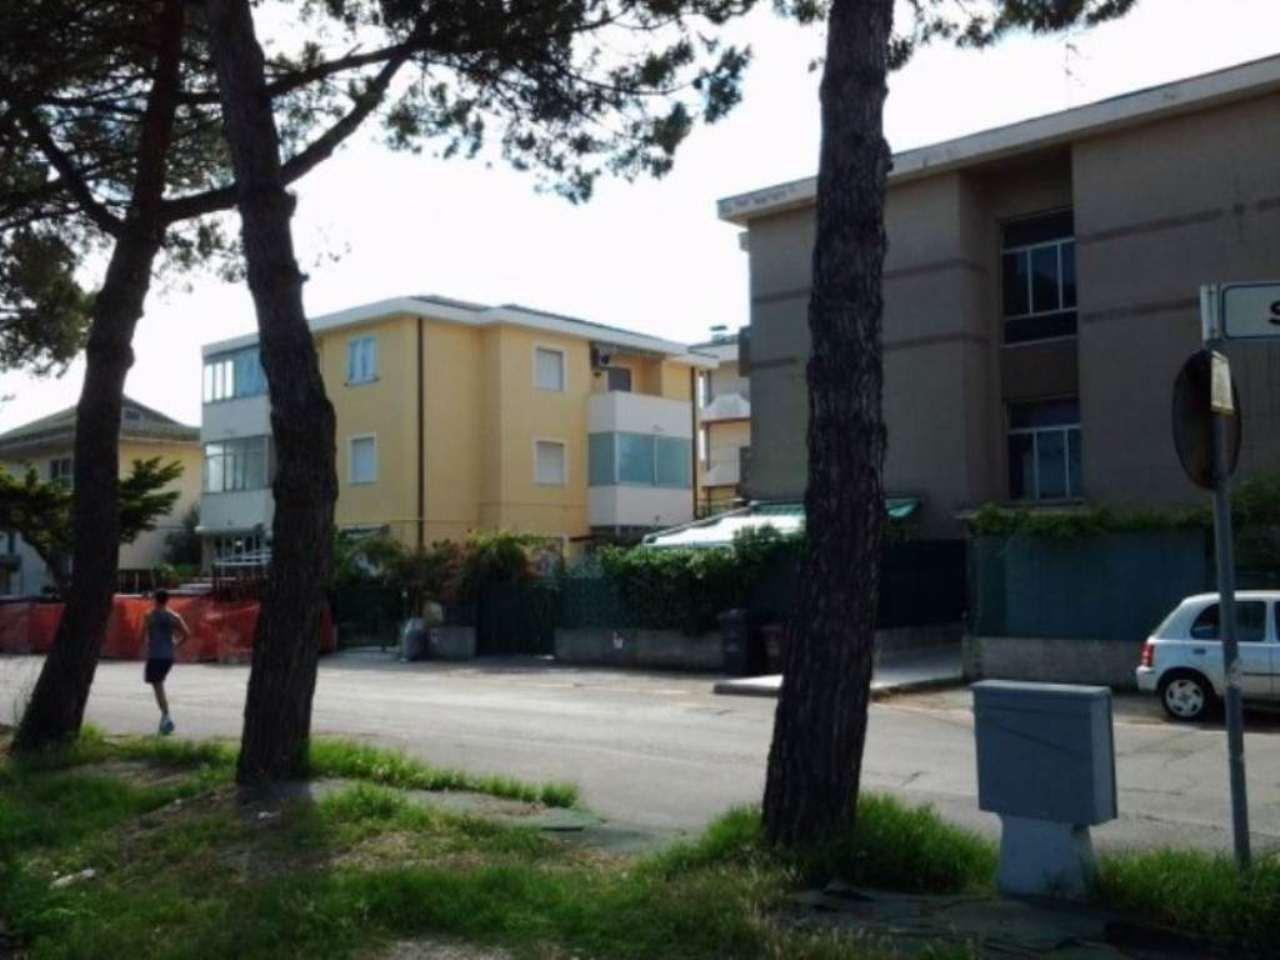 Appartamento in vendita a Pineto, 2 locali, prezzo € 55.000 | CambioCasa.it